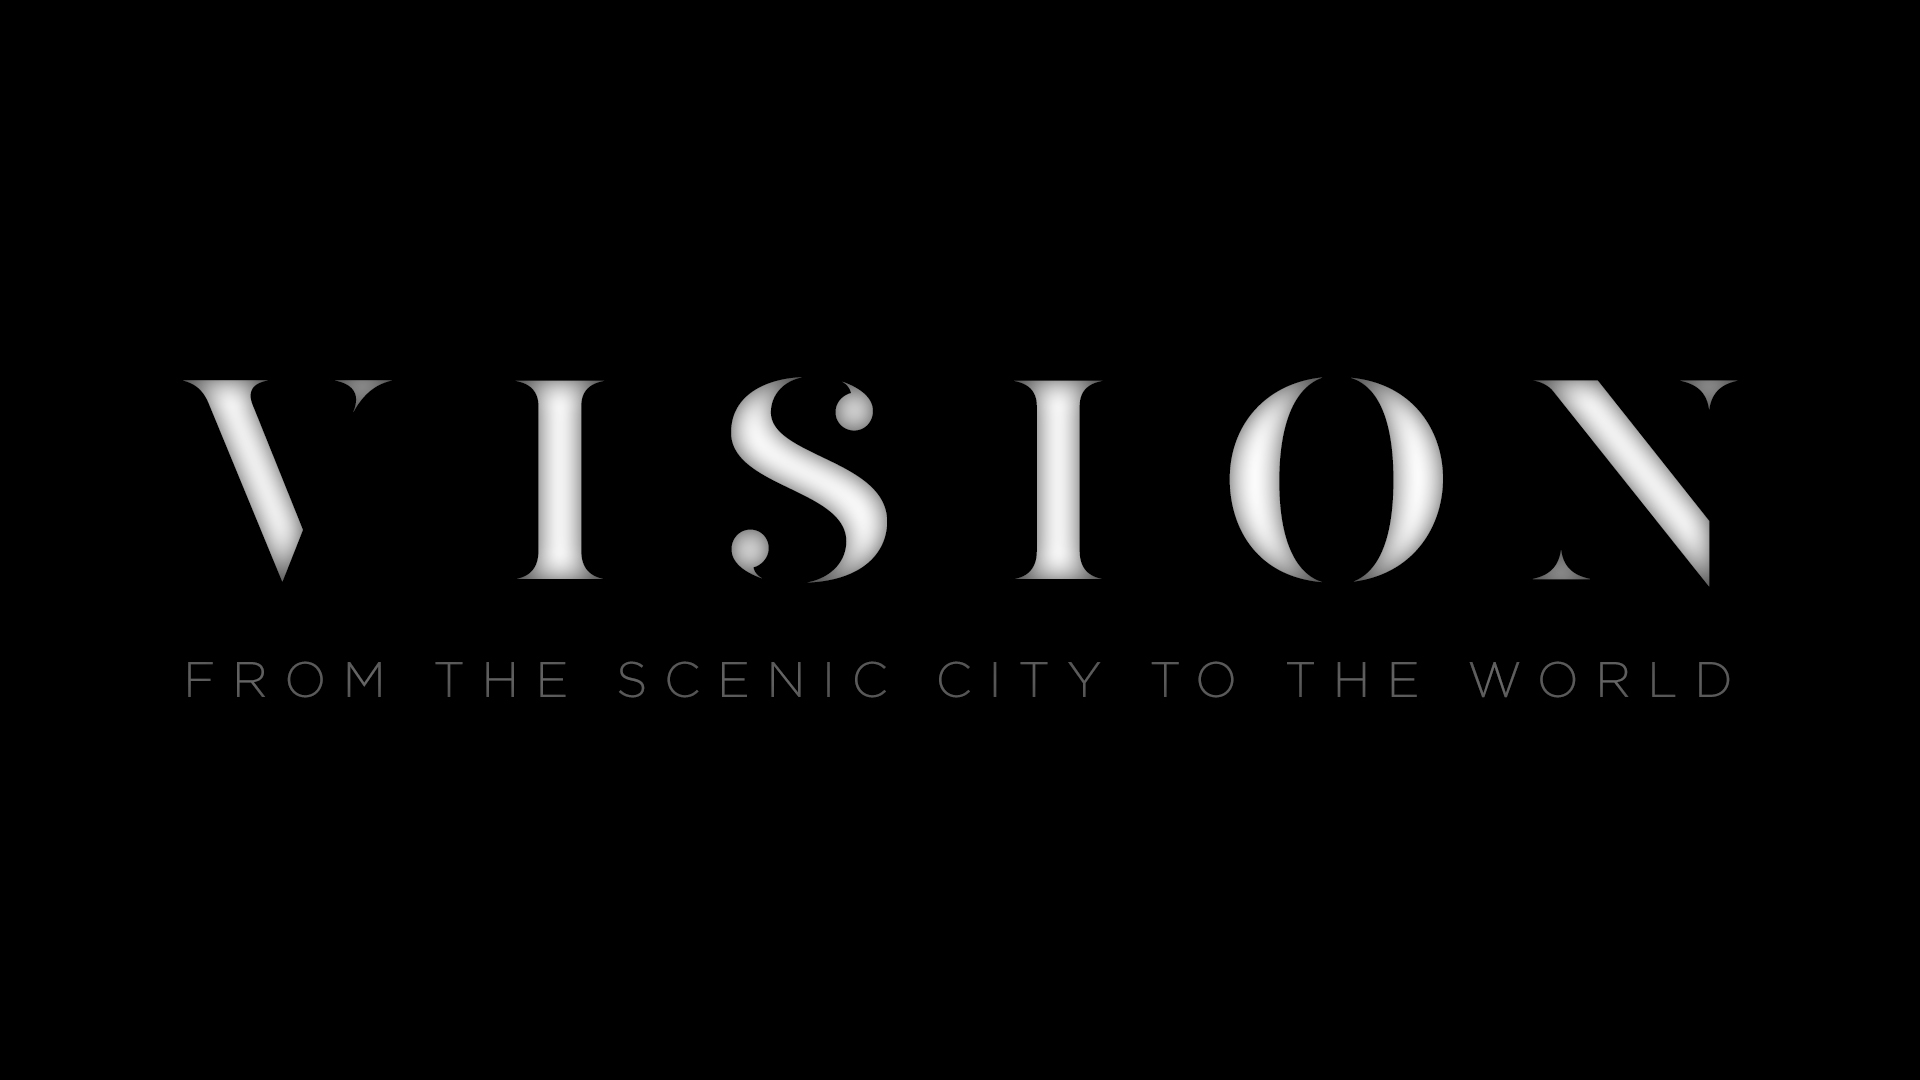 Vision-Wide.jpg